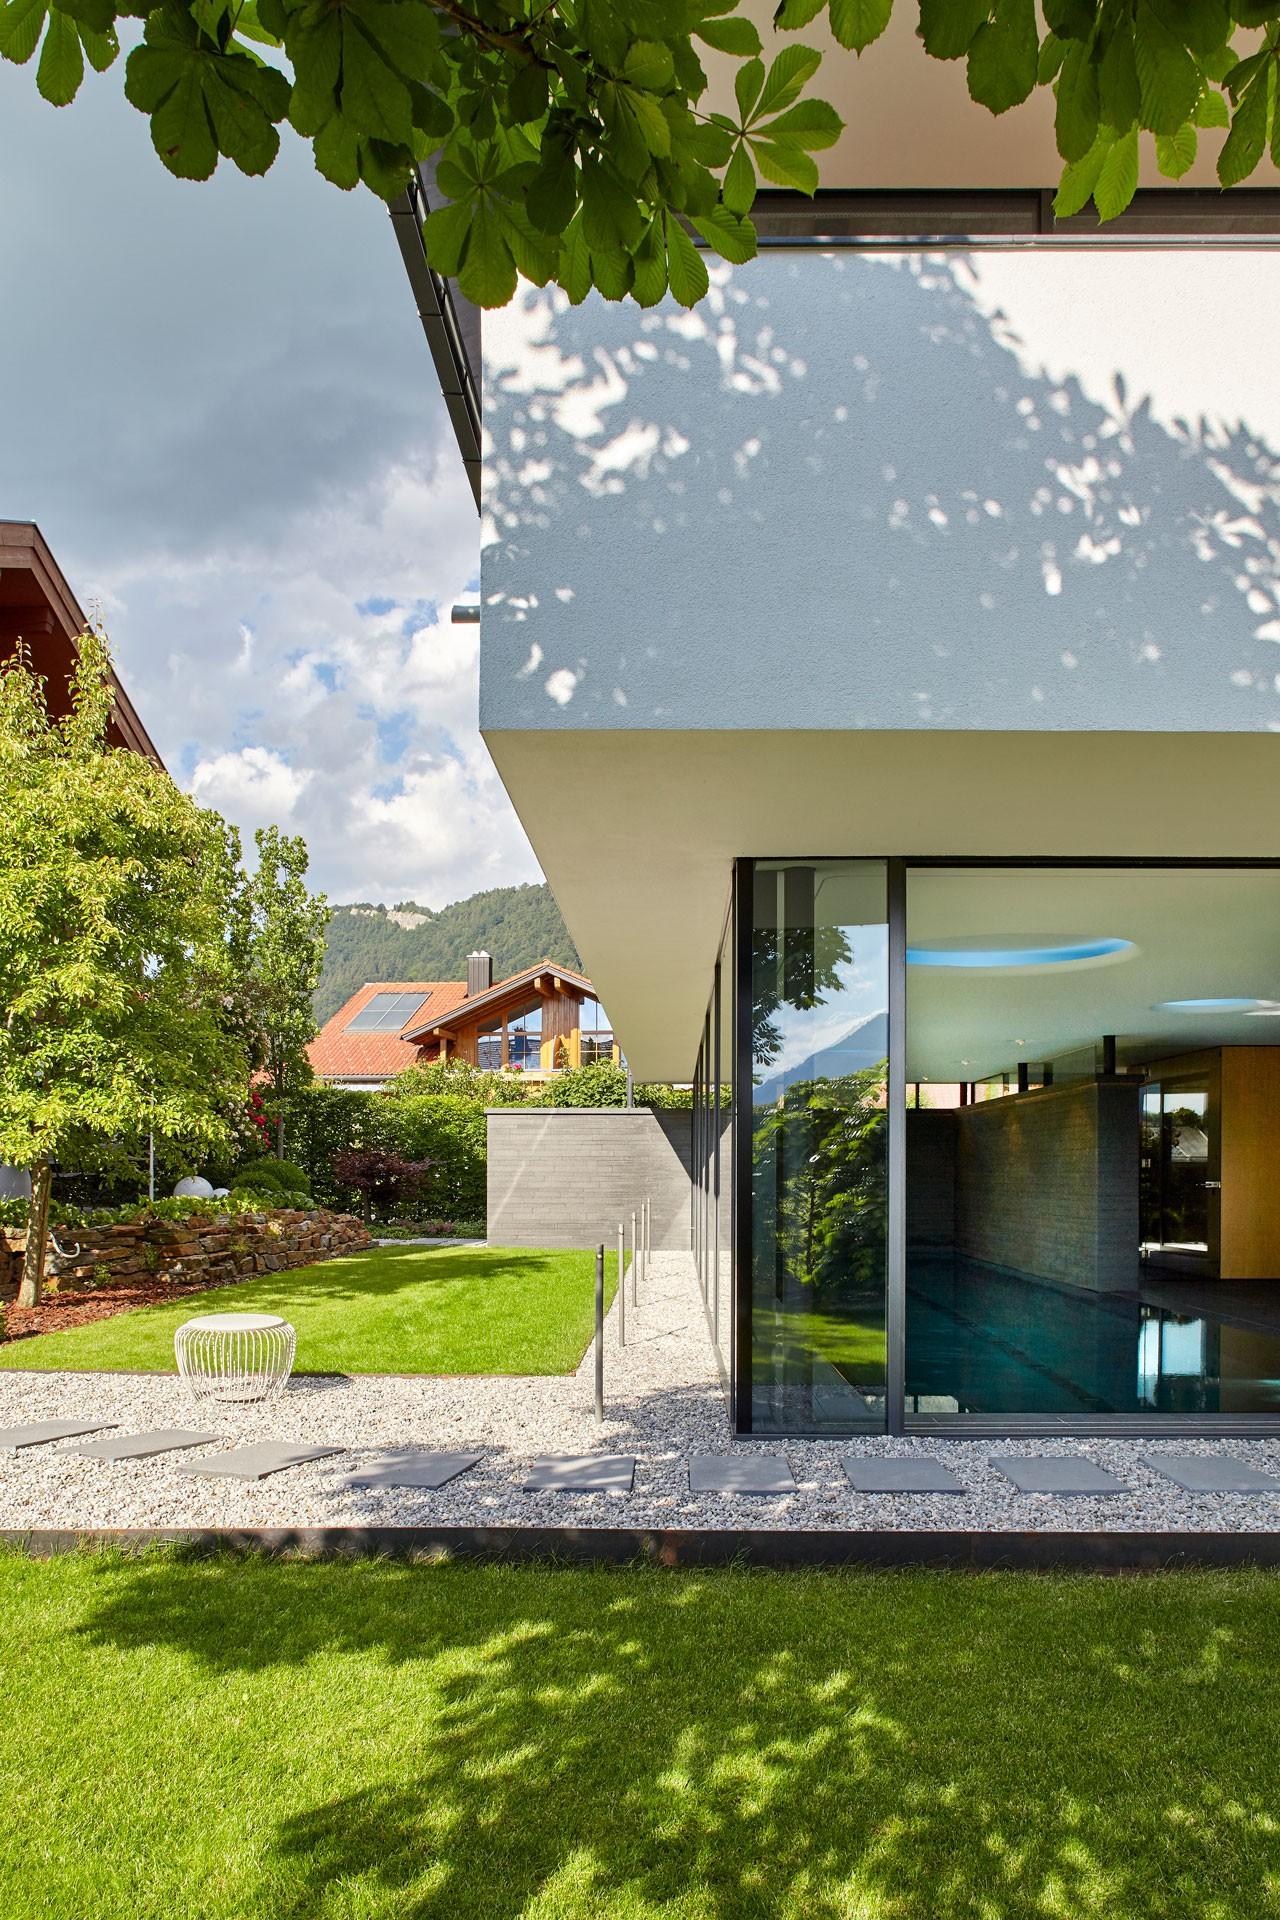 architektur-plus-raum-haus-hm-03